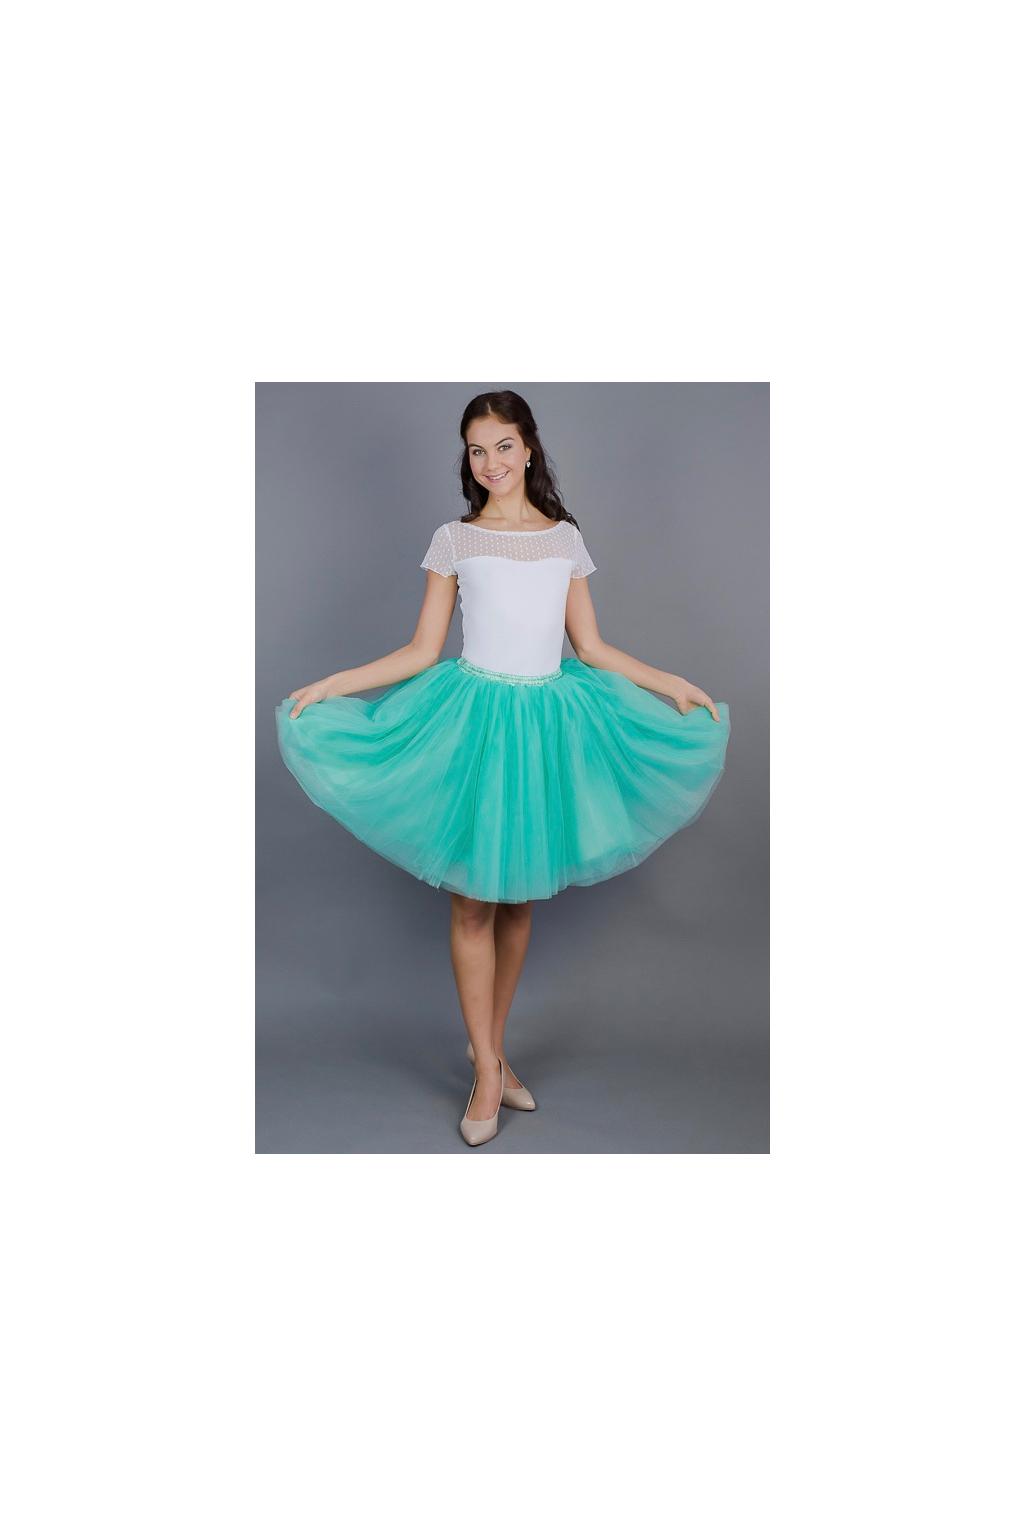 mint-zelena-tutu-sukne